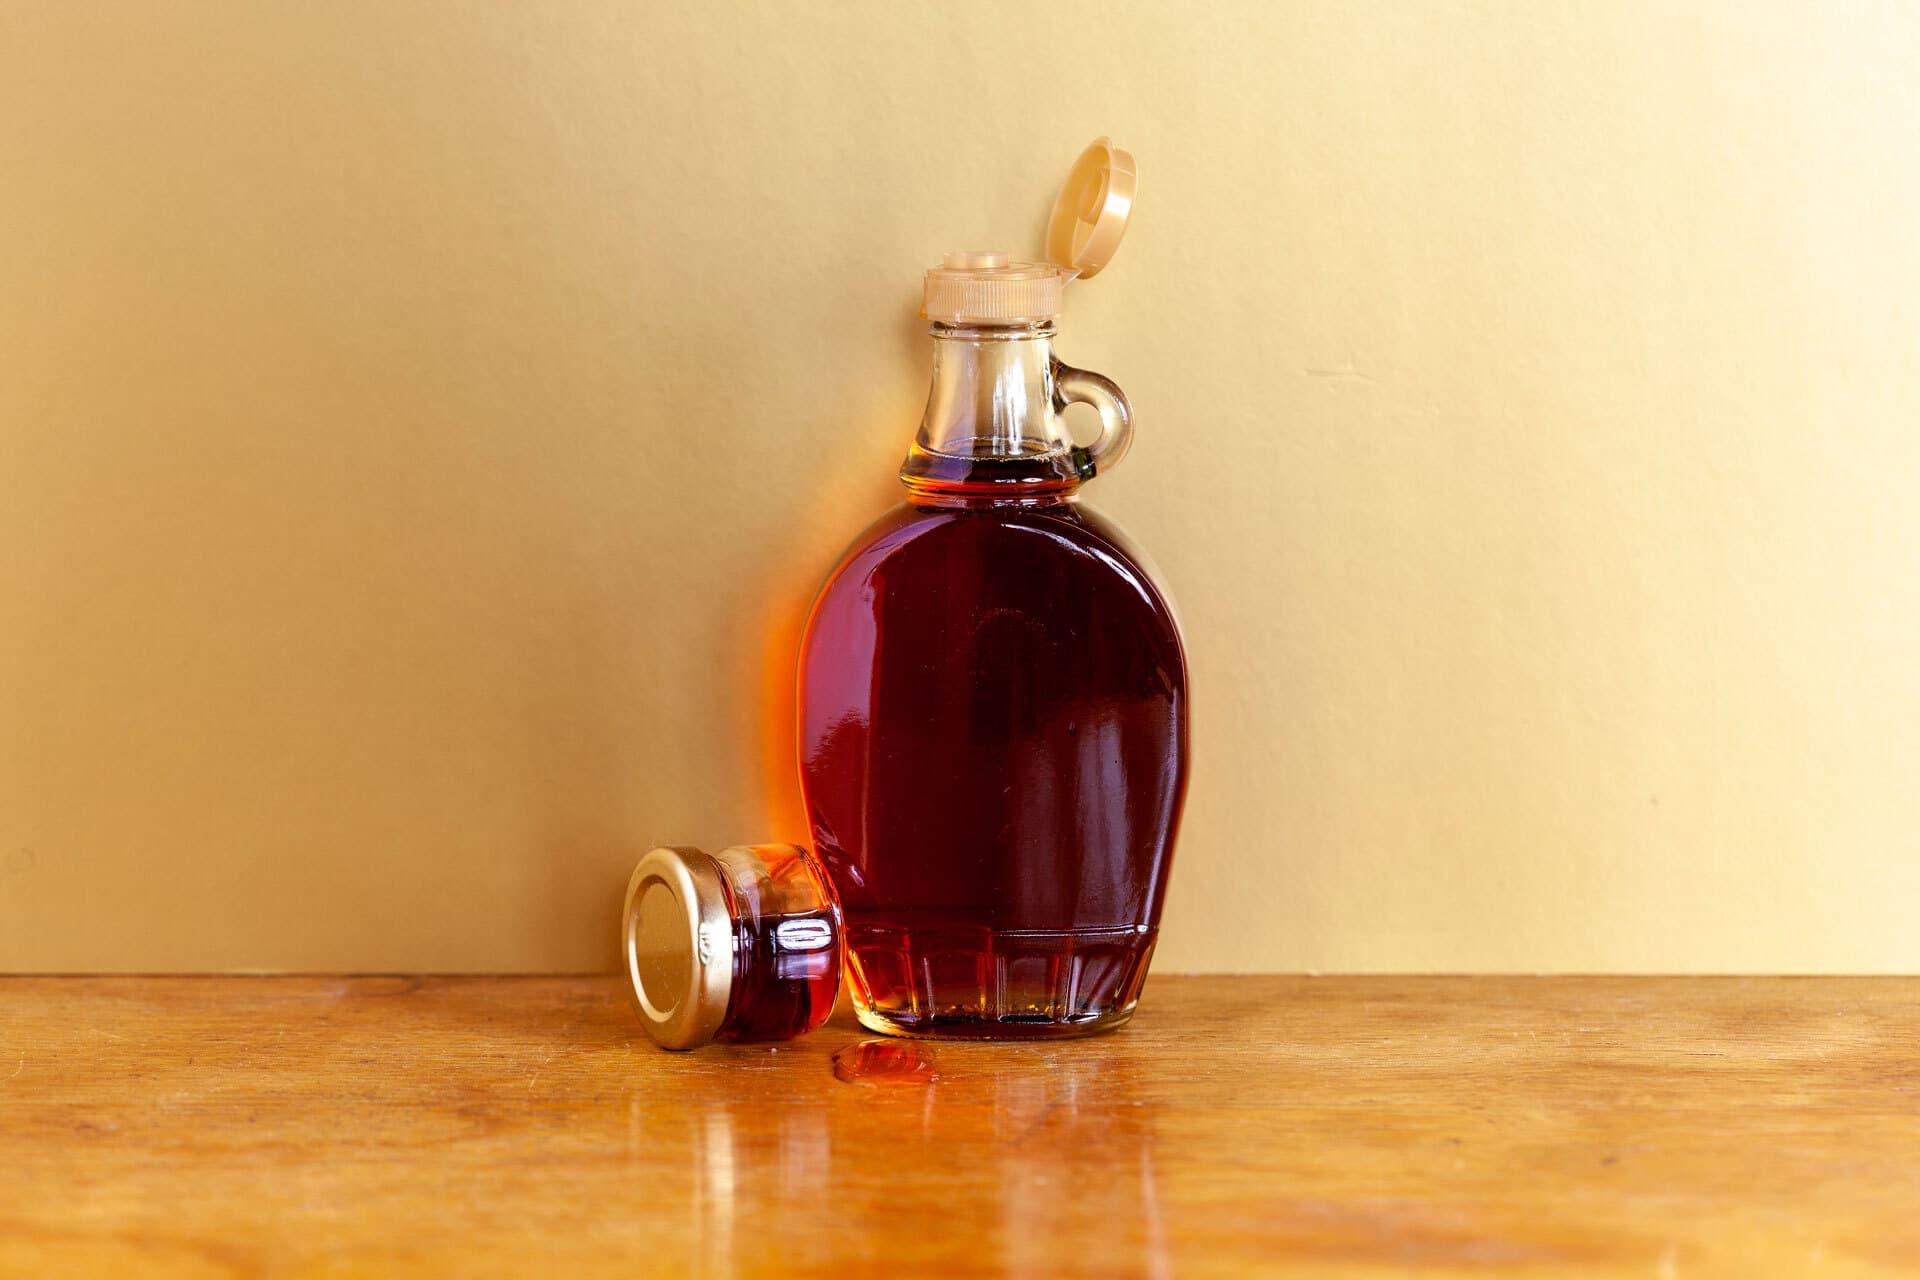 Eine Glasflasche Ahornsirup mit geöffnetem Deckel vor einer hellen Wand